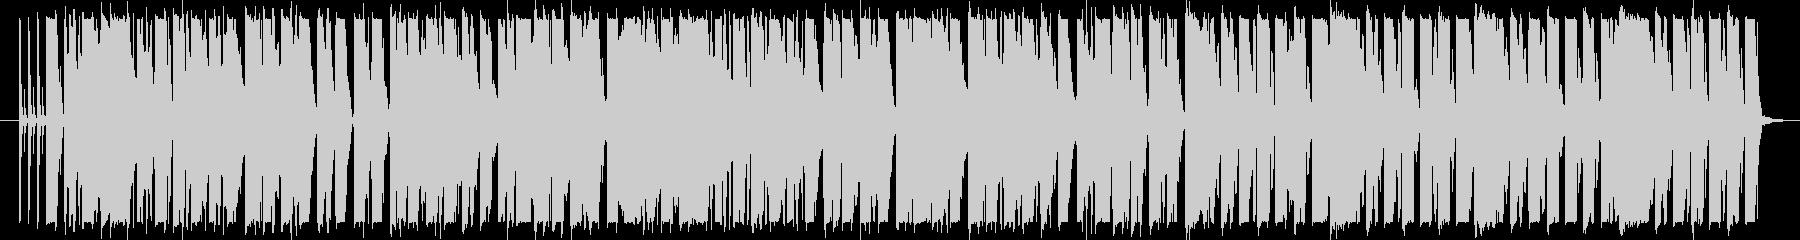 ピコピココミカル・バラエティ番組BGMの未再生の波形